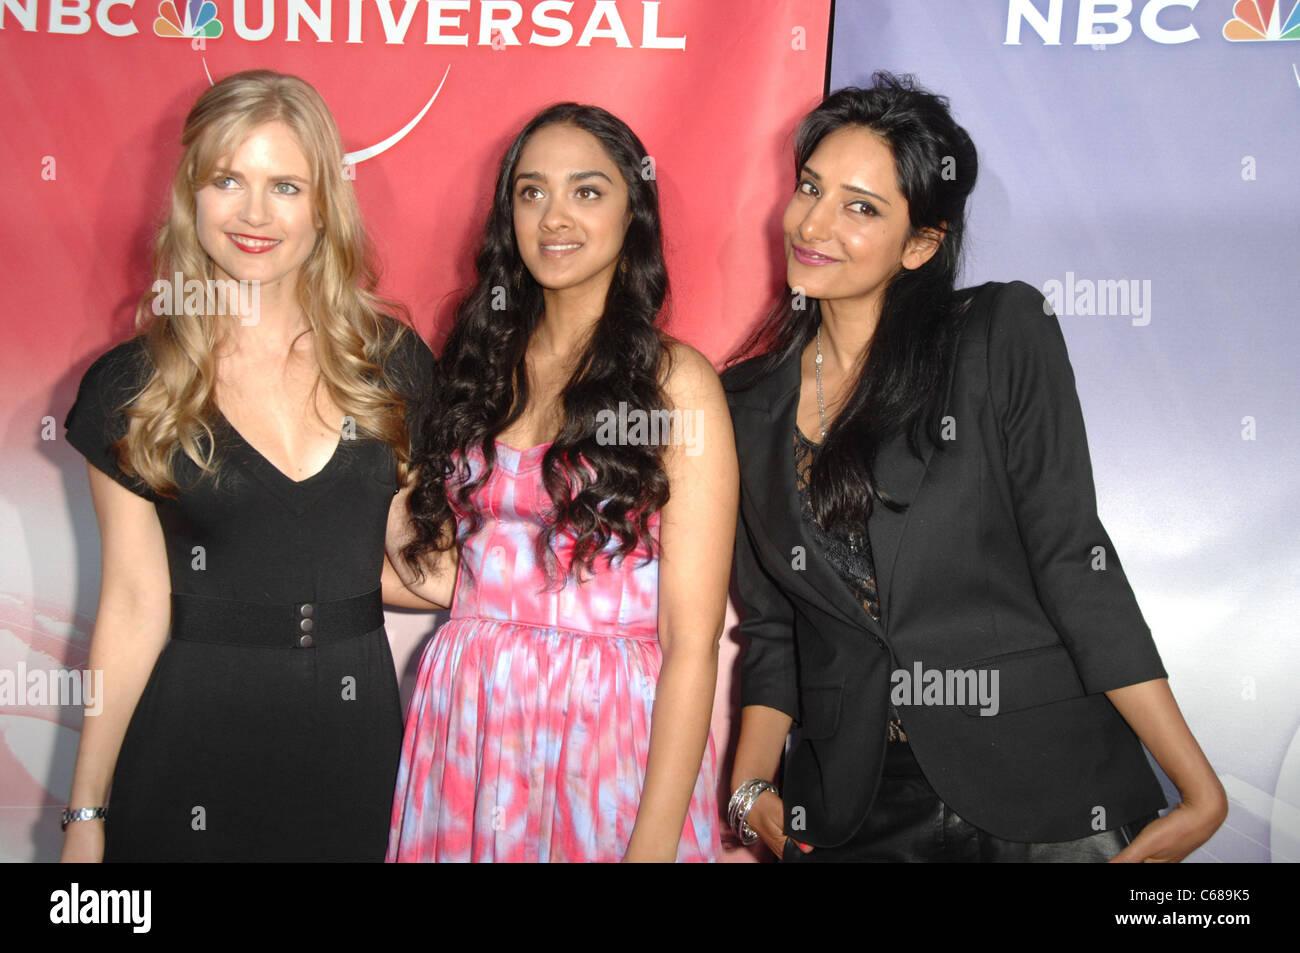 Watch Anisha Nagarajan video